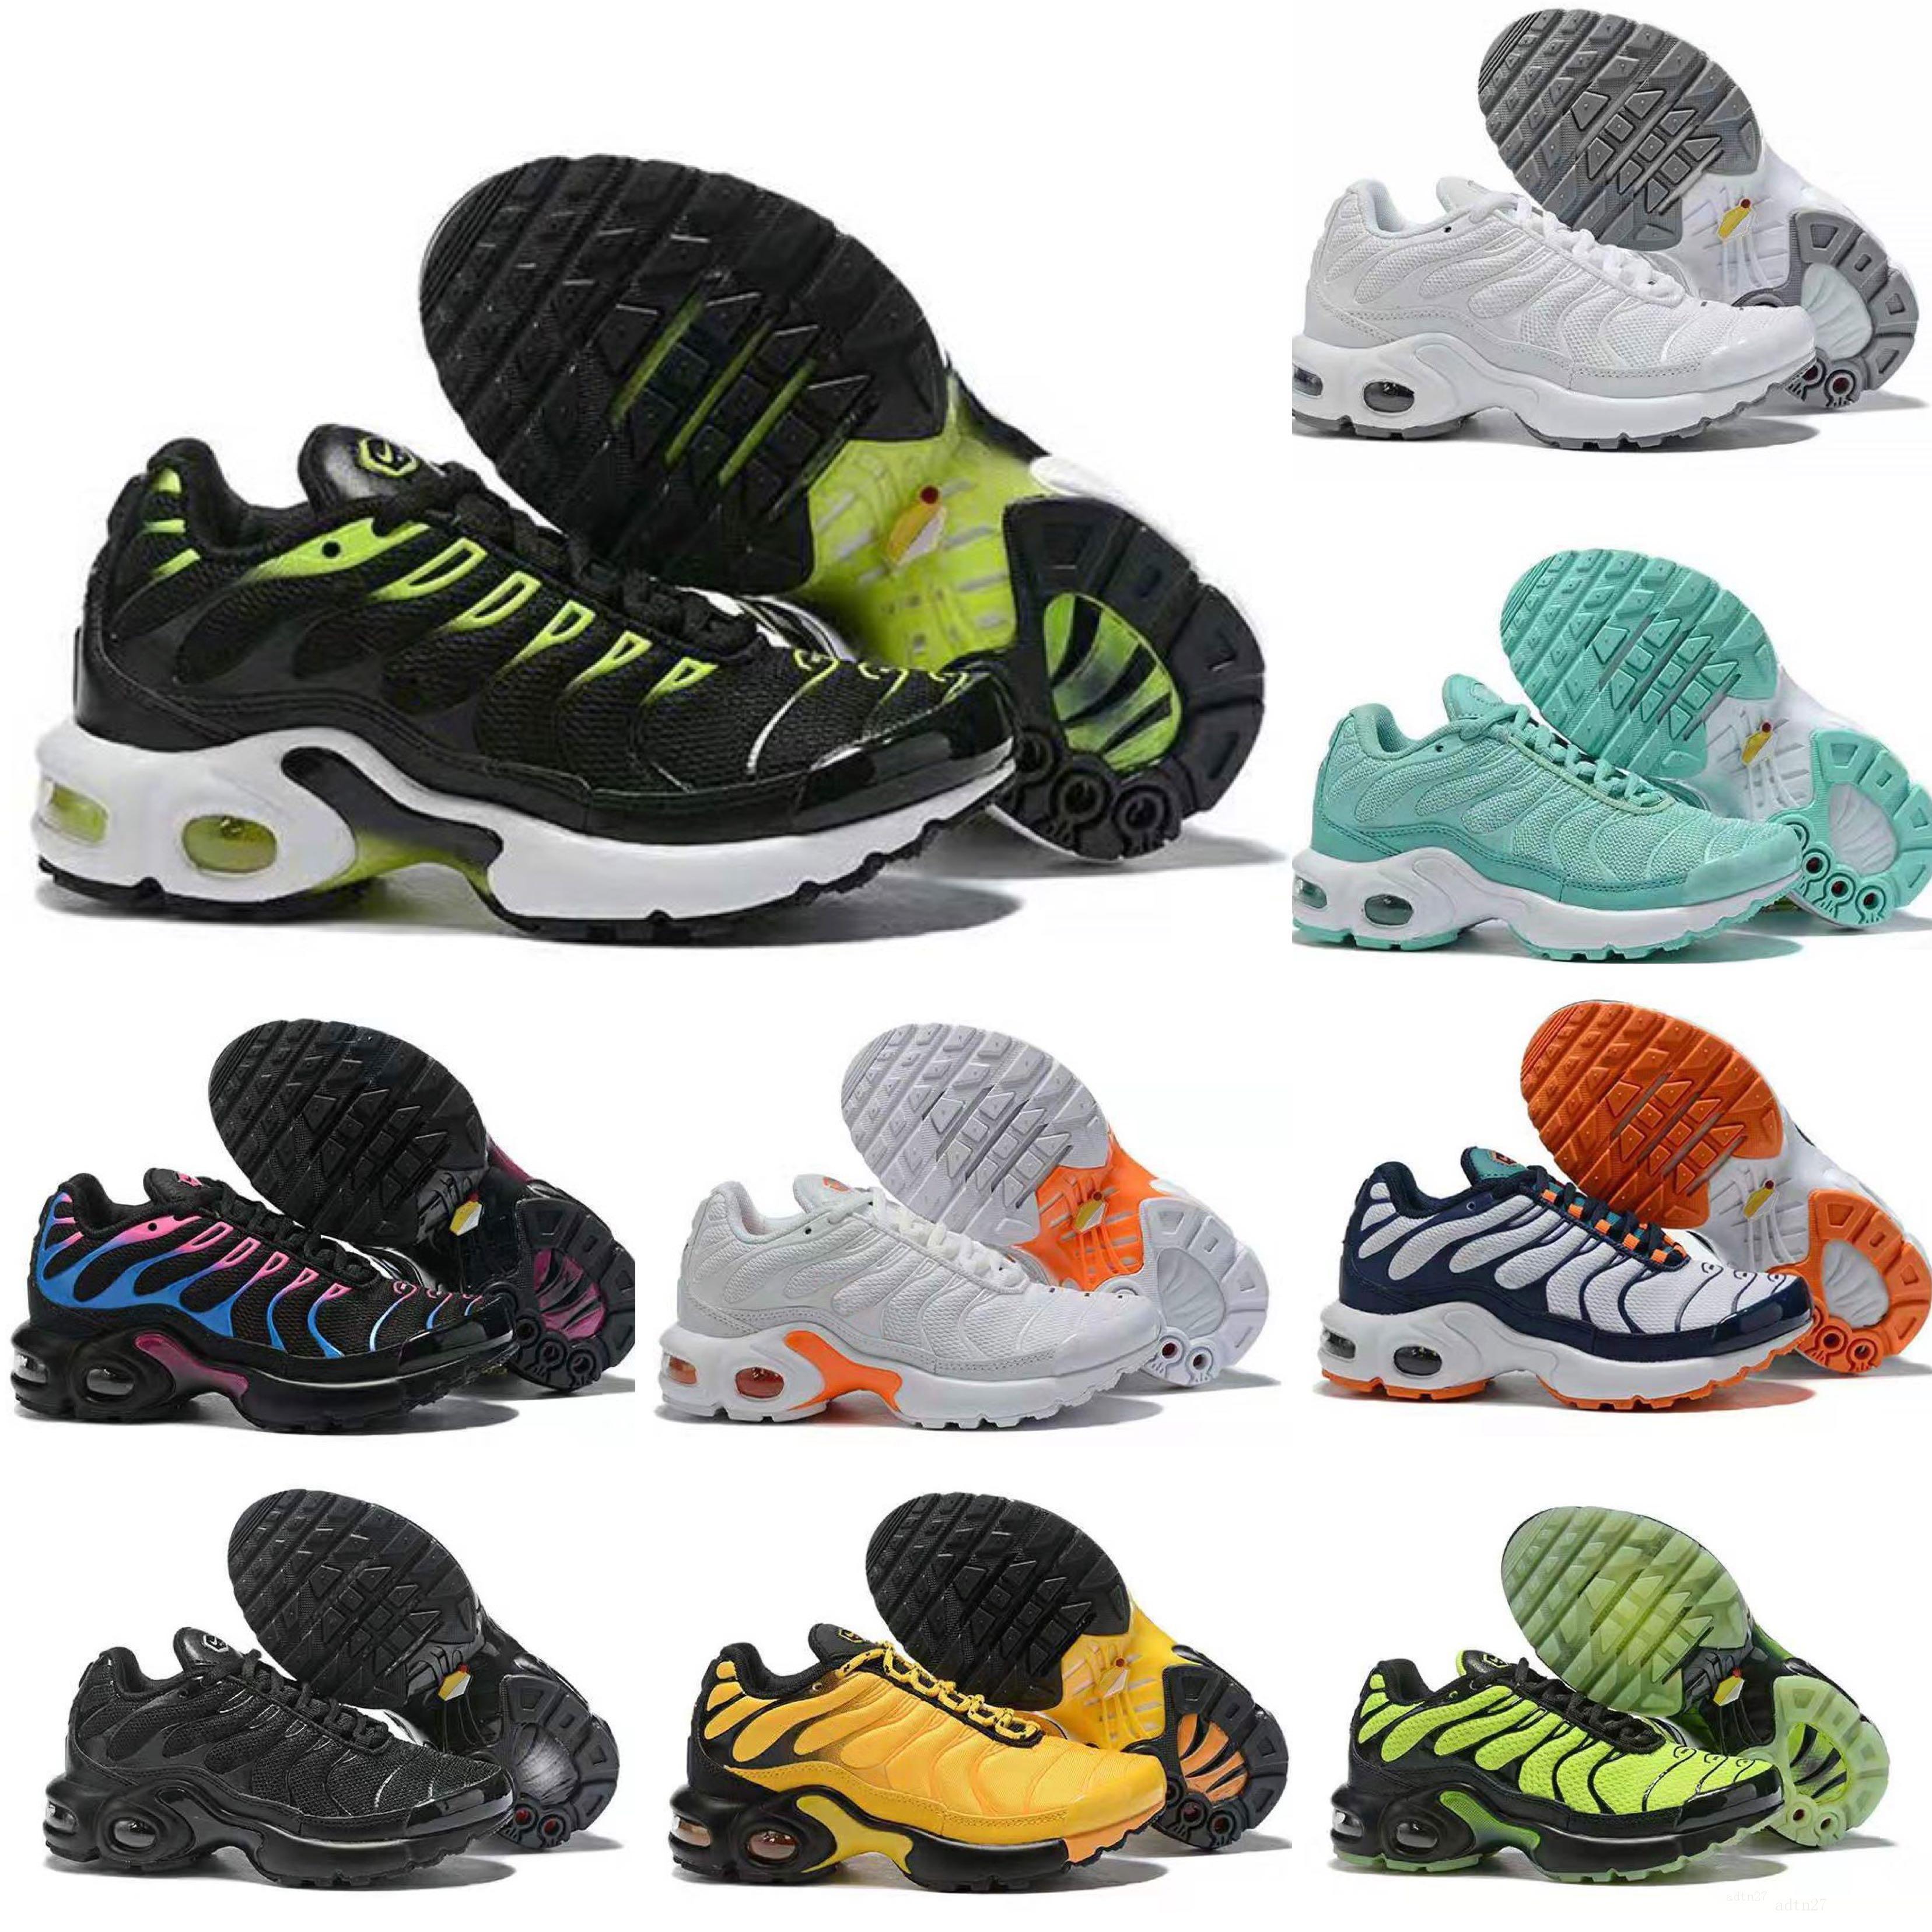 Nike Air TN Plus sapatos meninos meninas crianças miúdos criança Sapatos Rosa Vermelho Branco Cristal formadores White City tênis meias Running Shoes tamanho 28-35